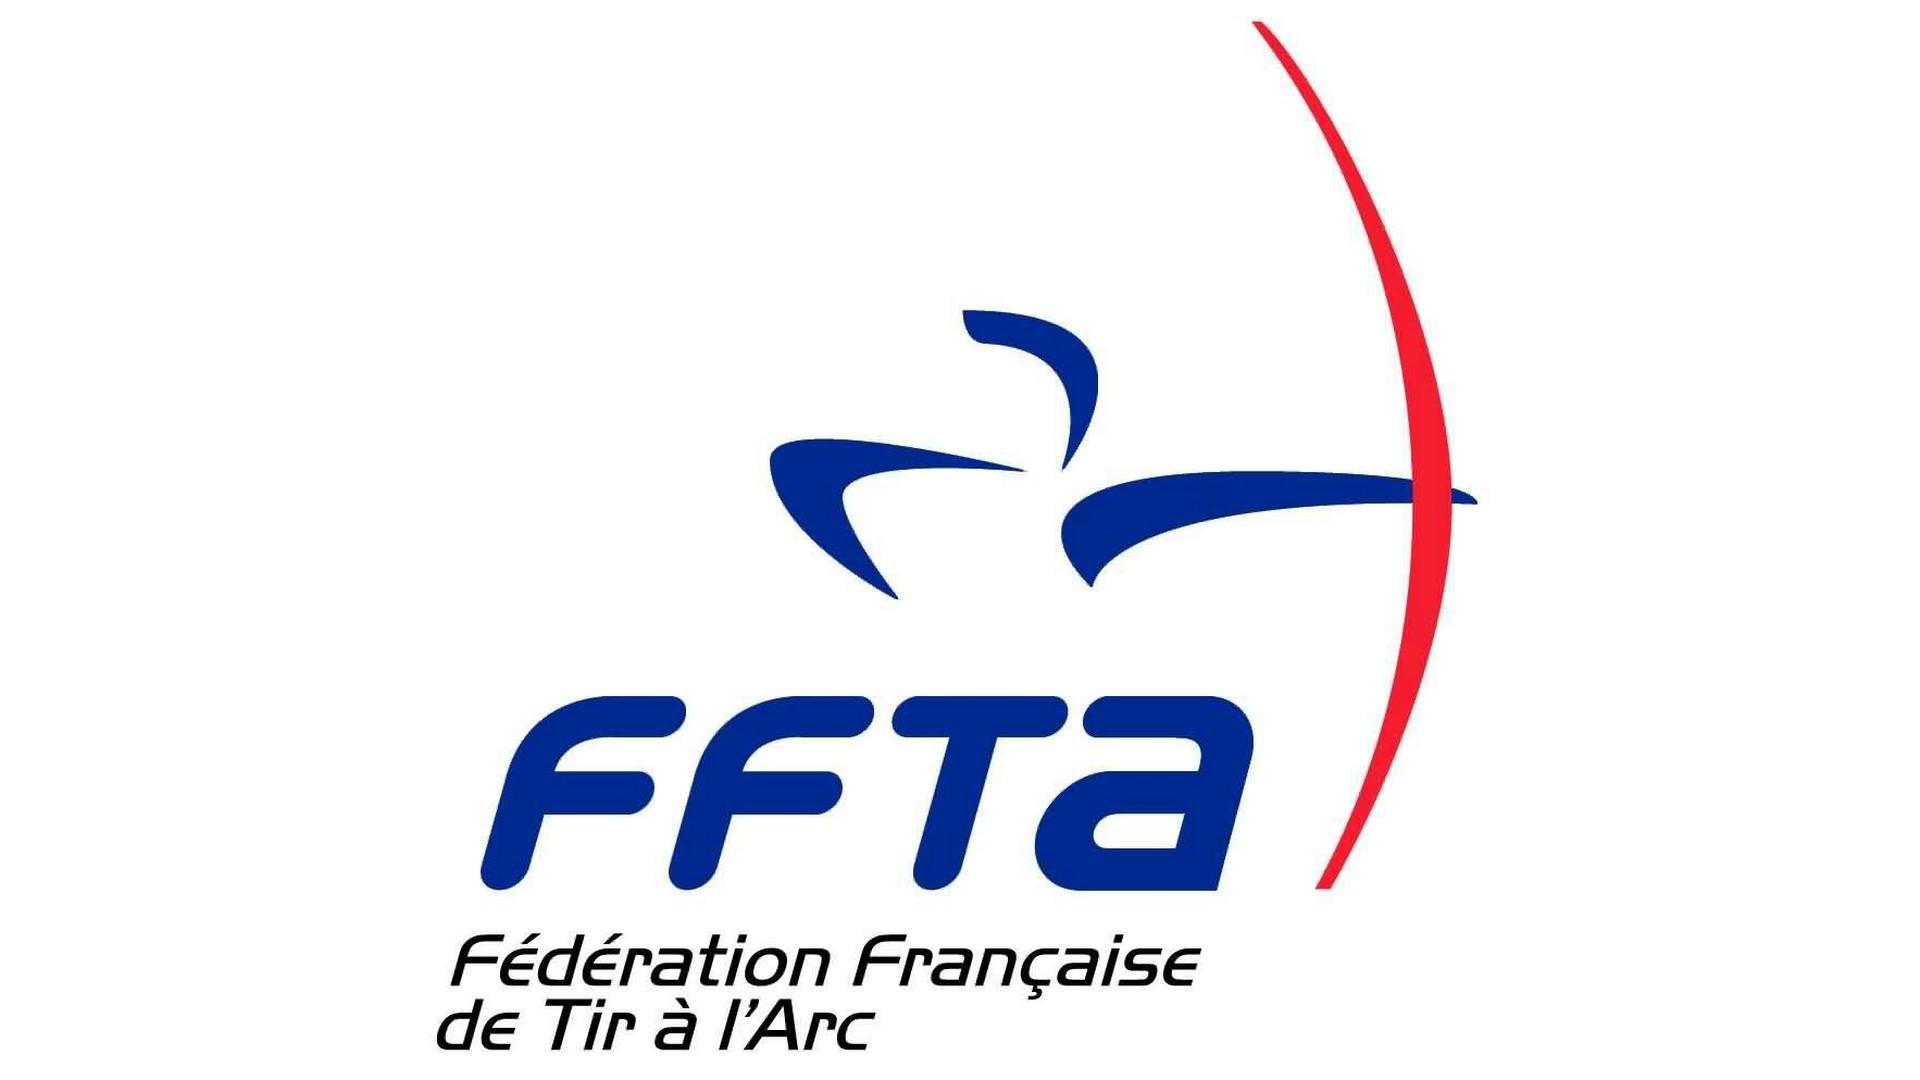 Fédération française de Tir à l'Arc FFTA (1) logo